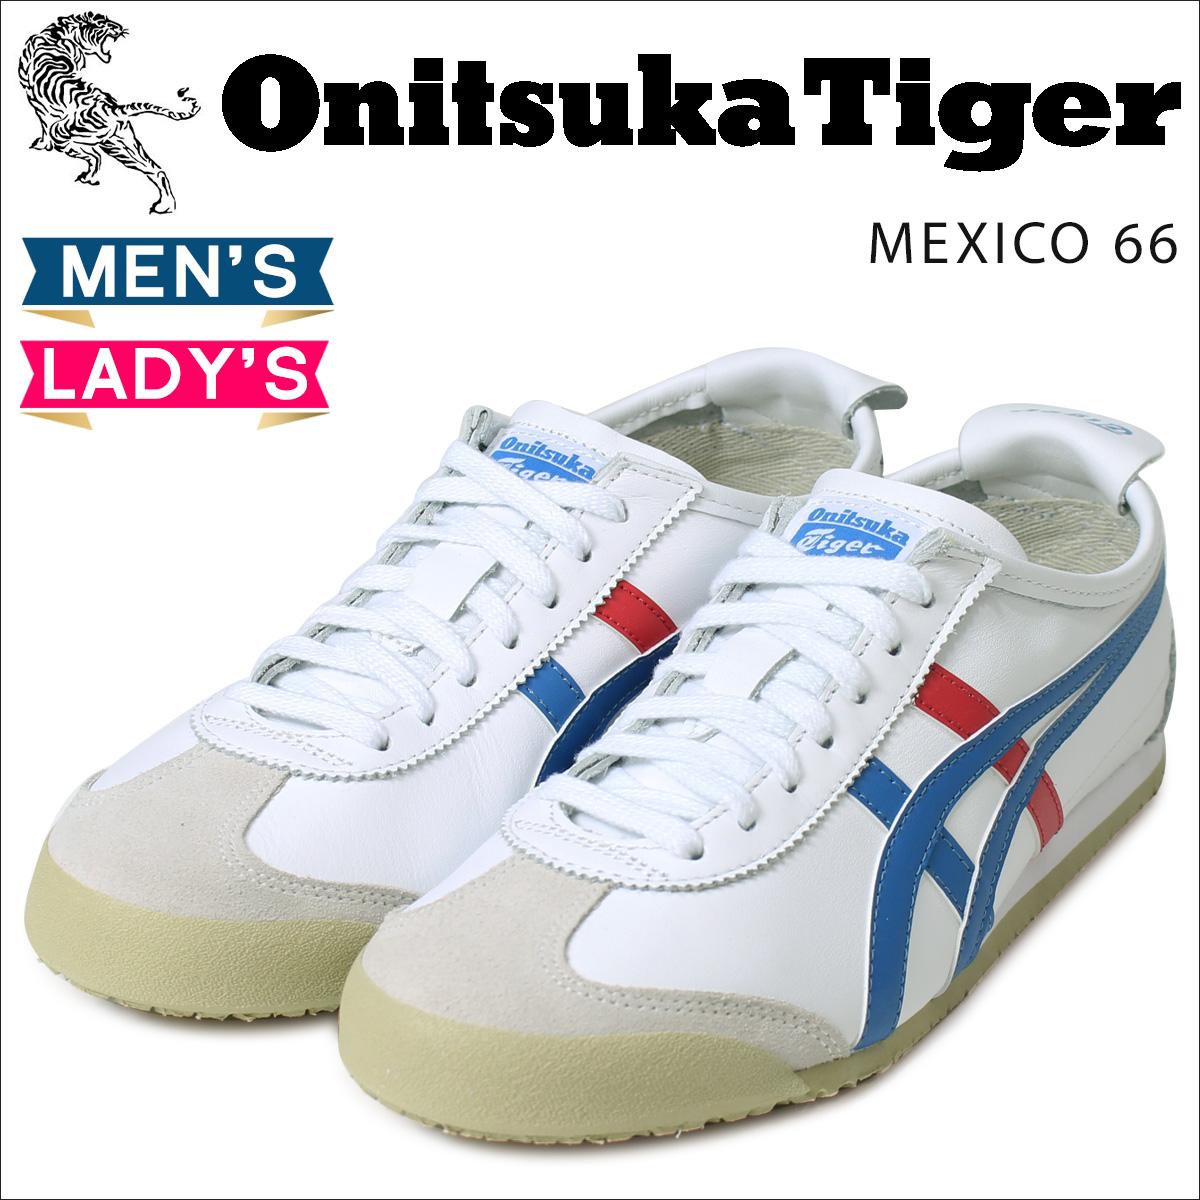 onitsuka tiger shop online